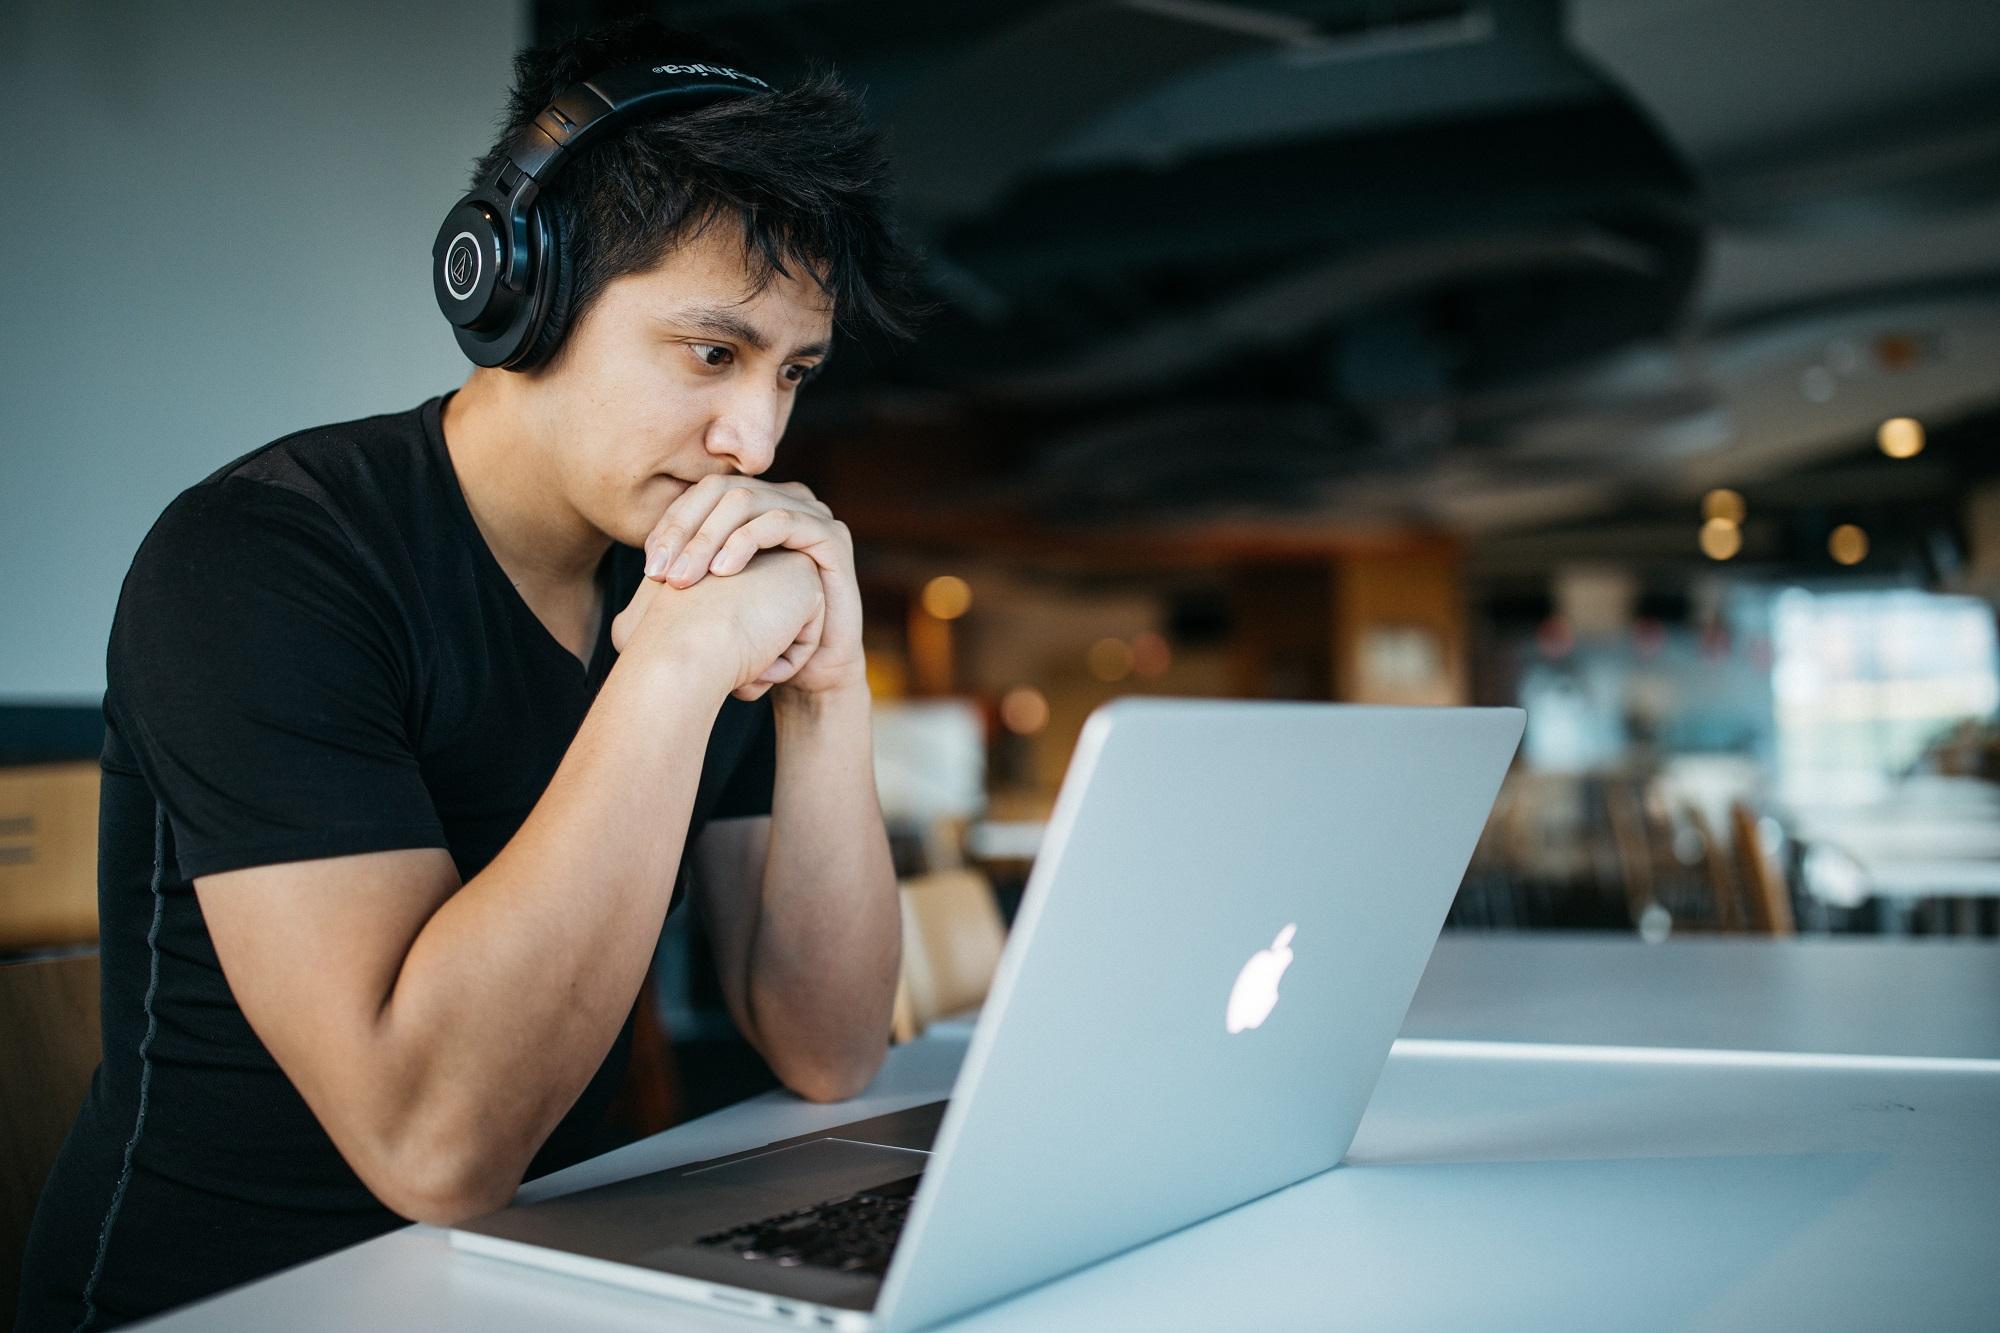 Junger Mann sitzt vor einem Laptop